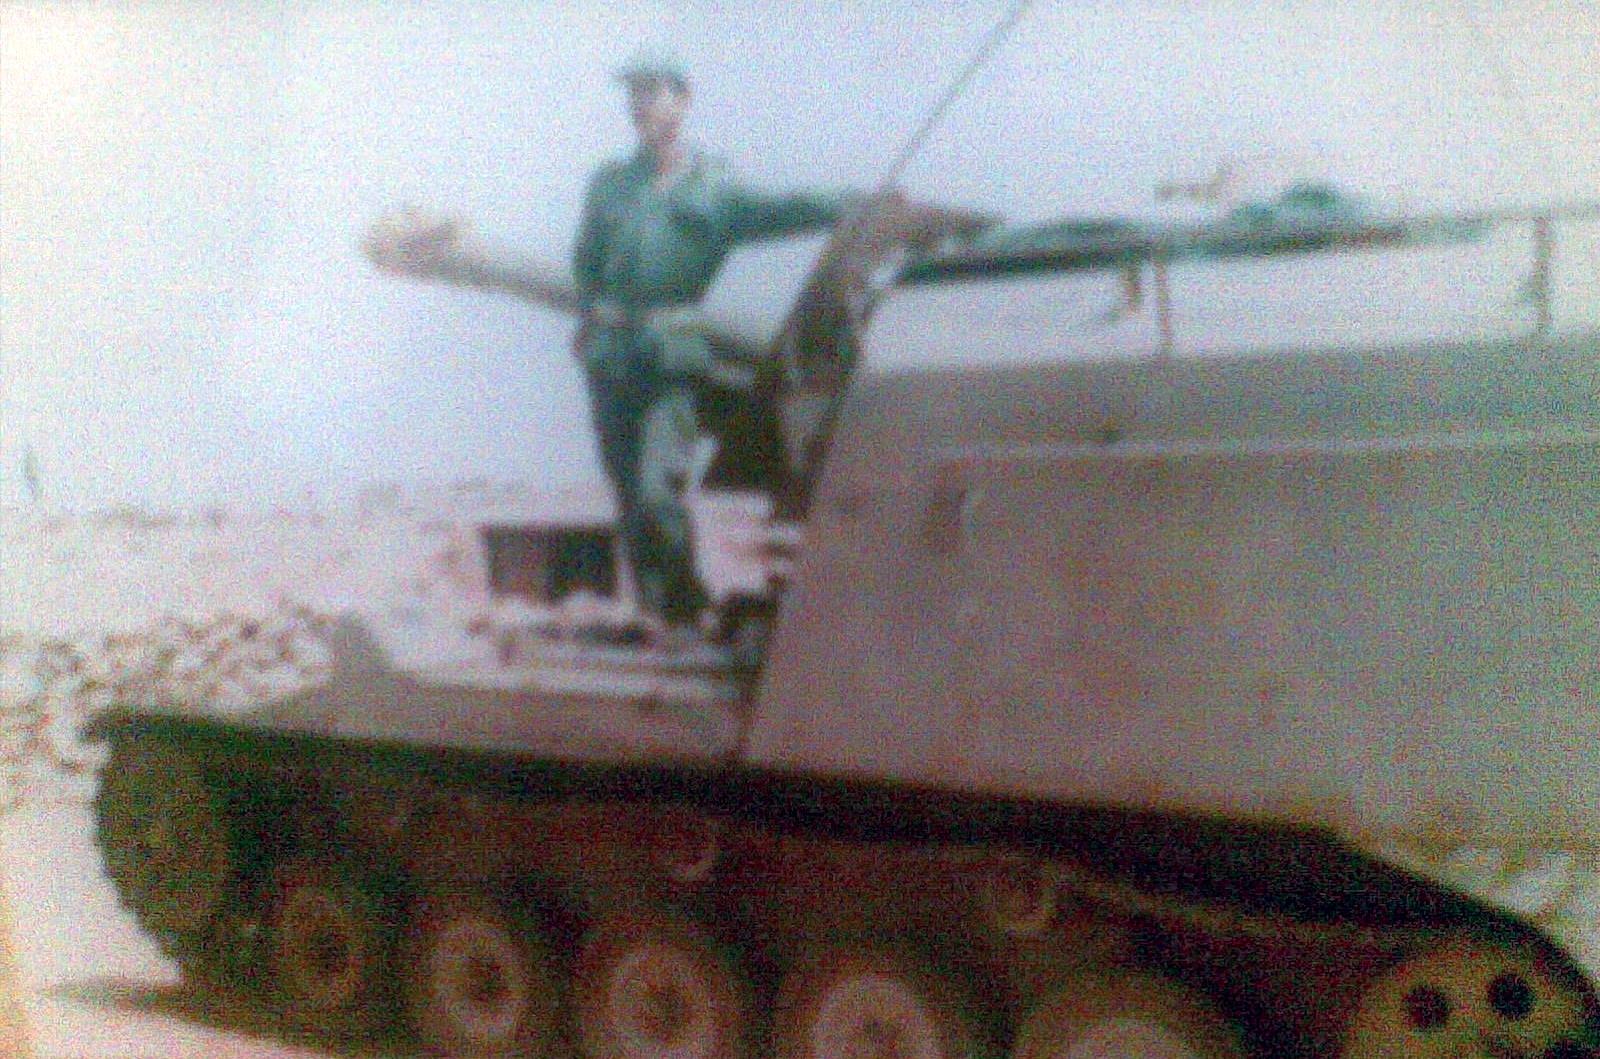 Le conflit armé du sahara marocain - Page 8 15122104474632153